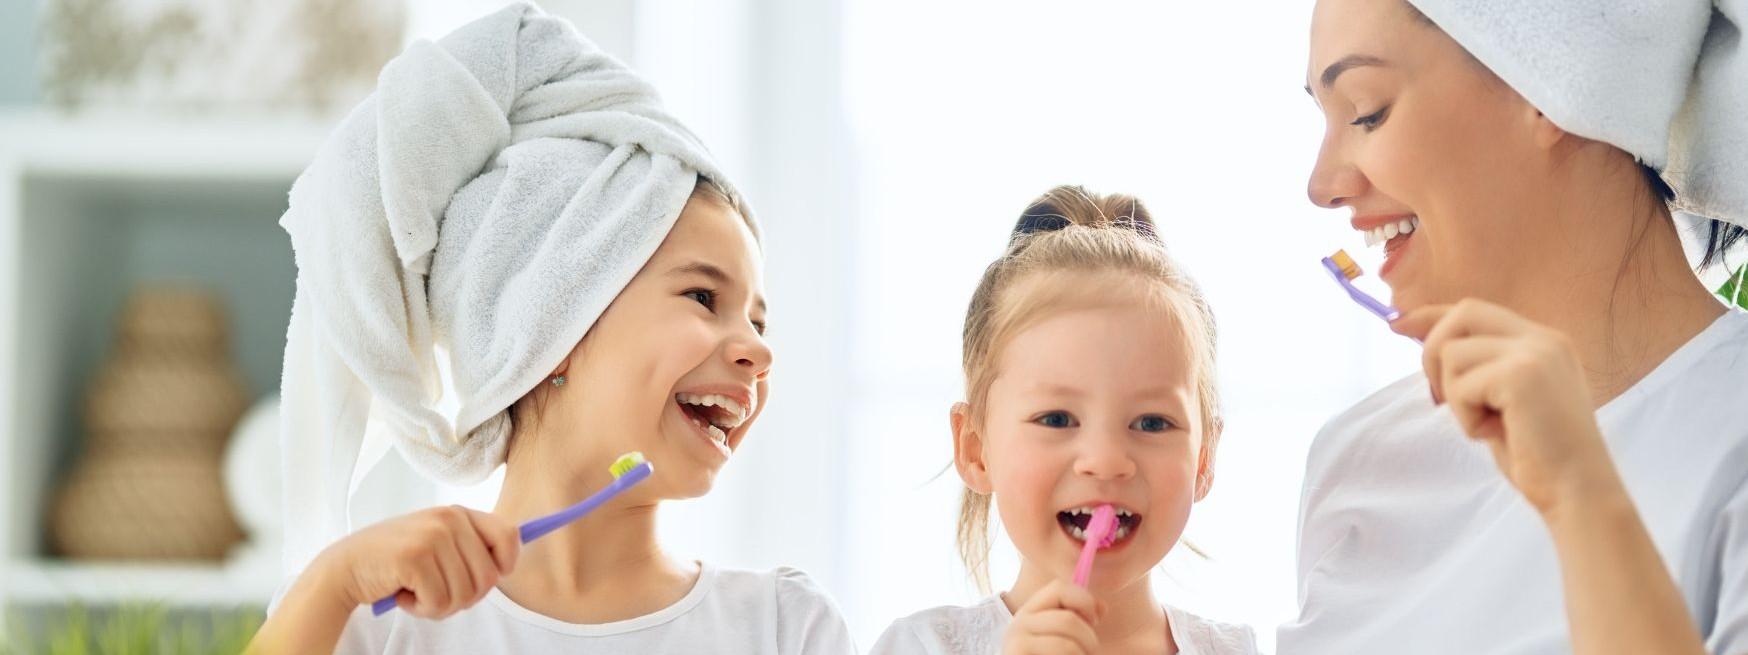 Eine Mutter putzt mit ihren zwei Töchtern die Zähne. Die Frau und das größere Mädchen haben Handtücher um ihren Kopf gewickelt.